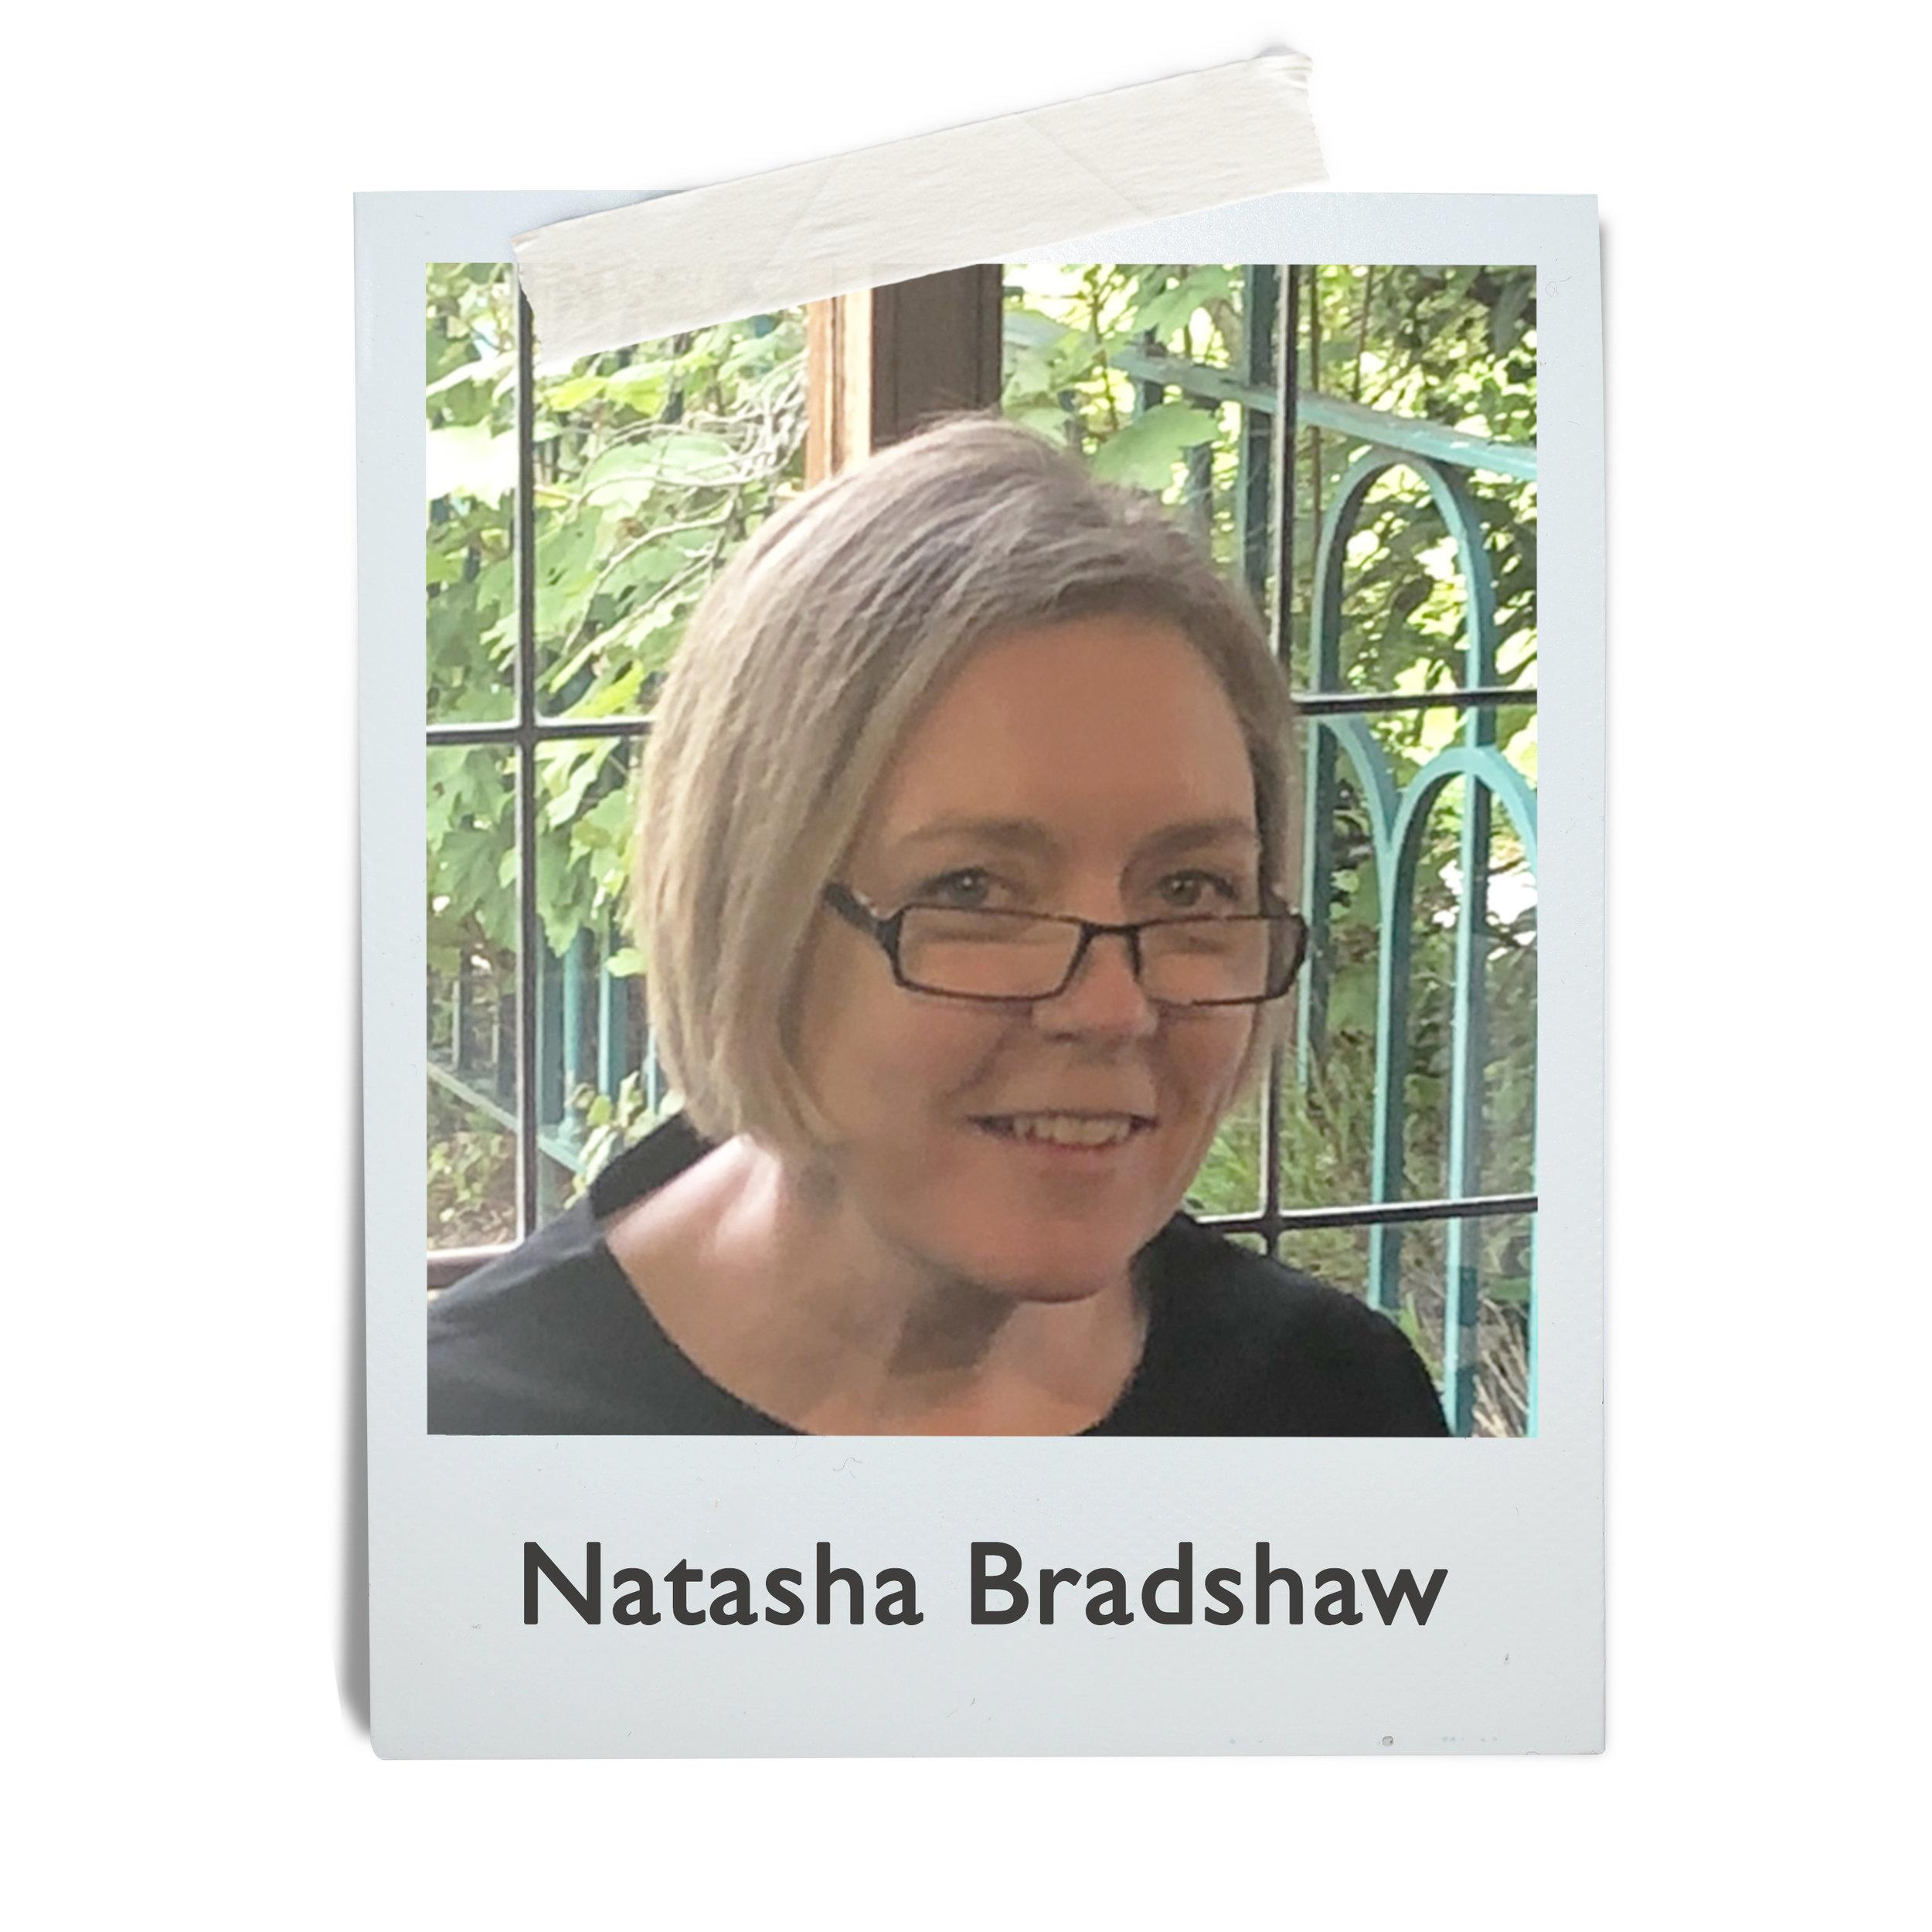 Natasha Bradshaw